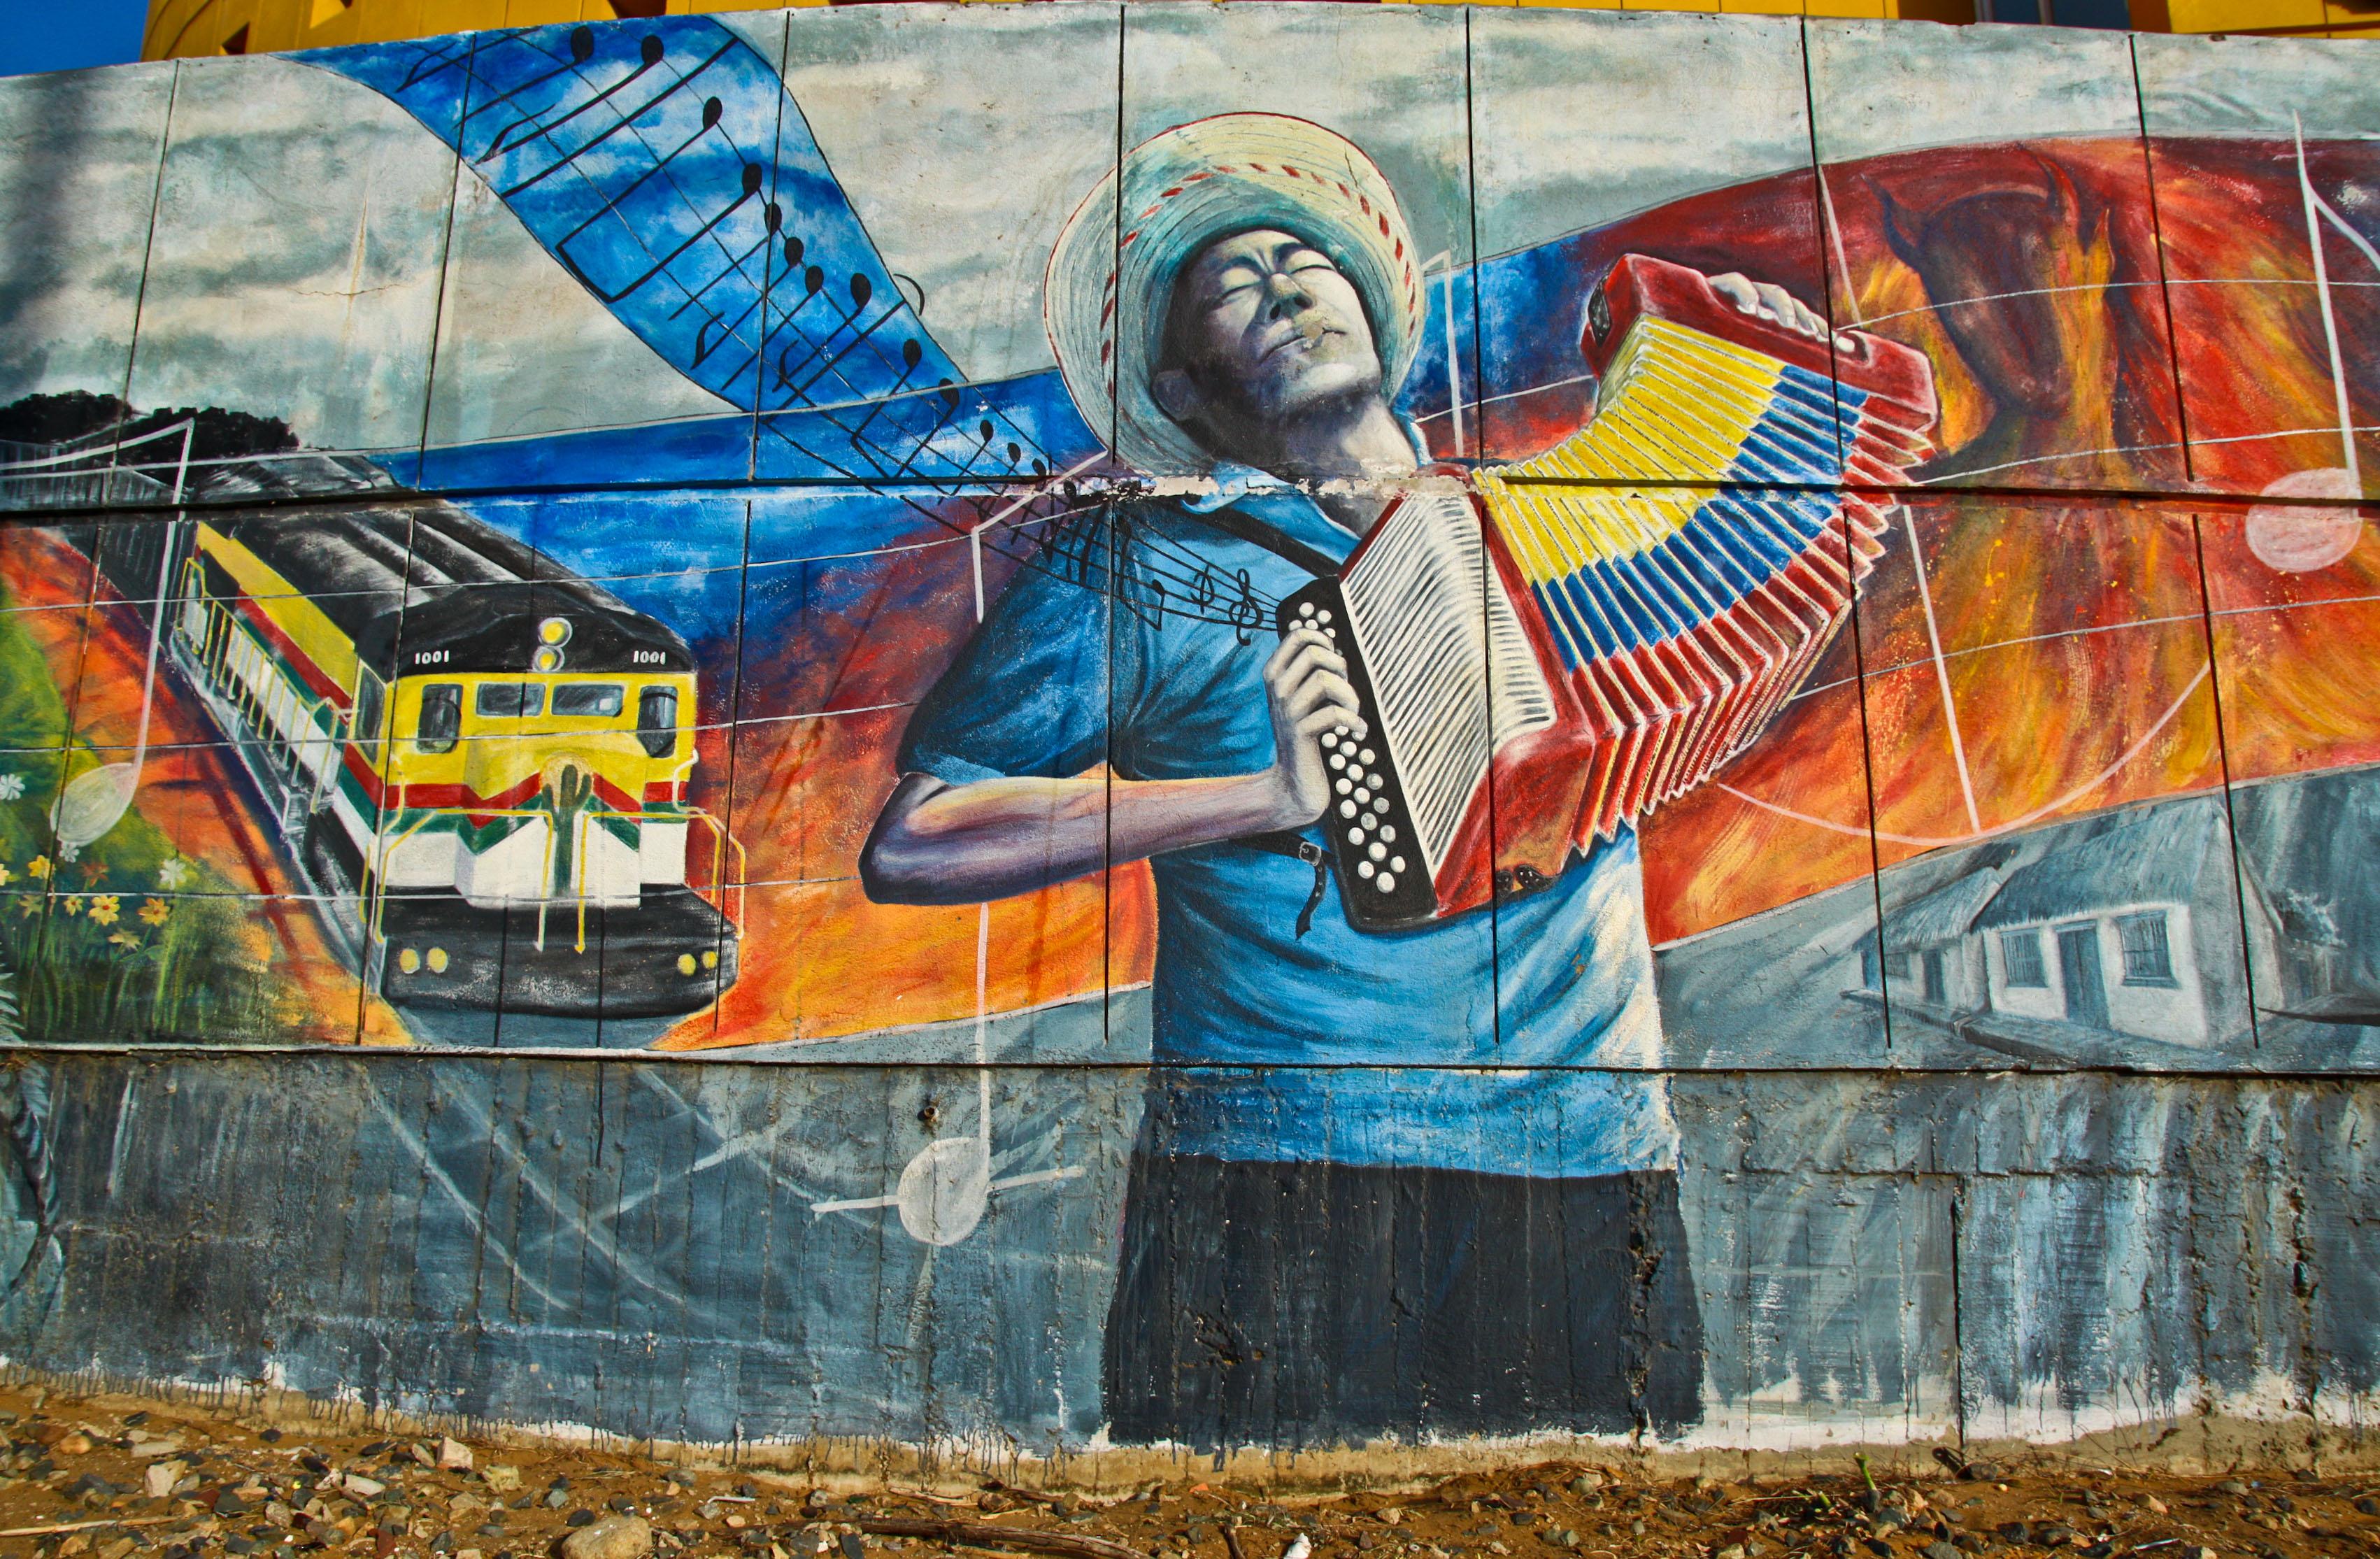 Accordion mural Riochacha Colombia